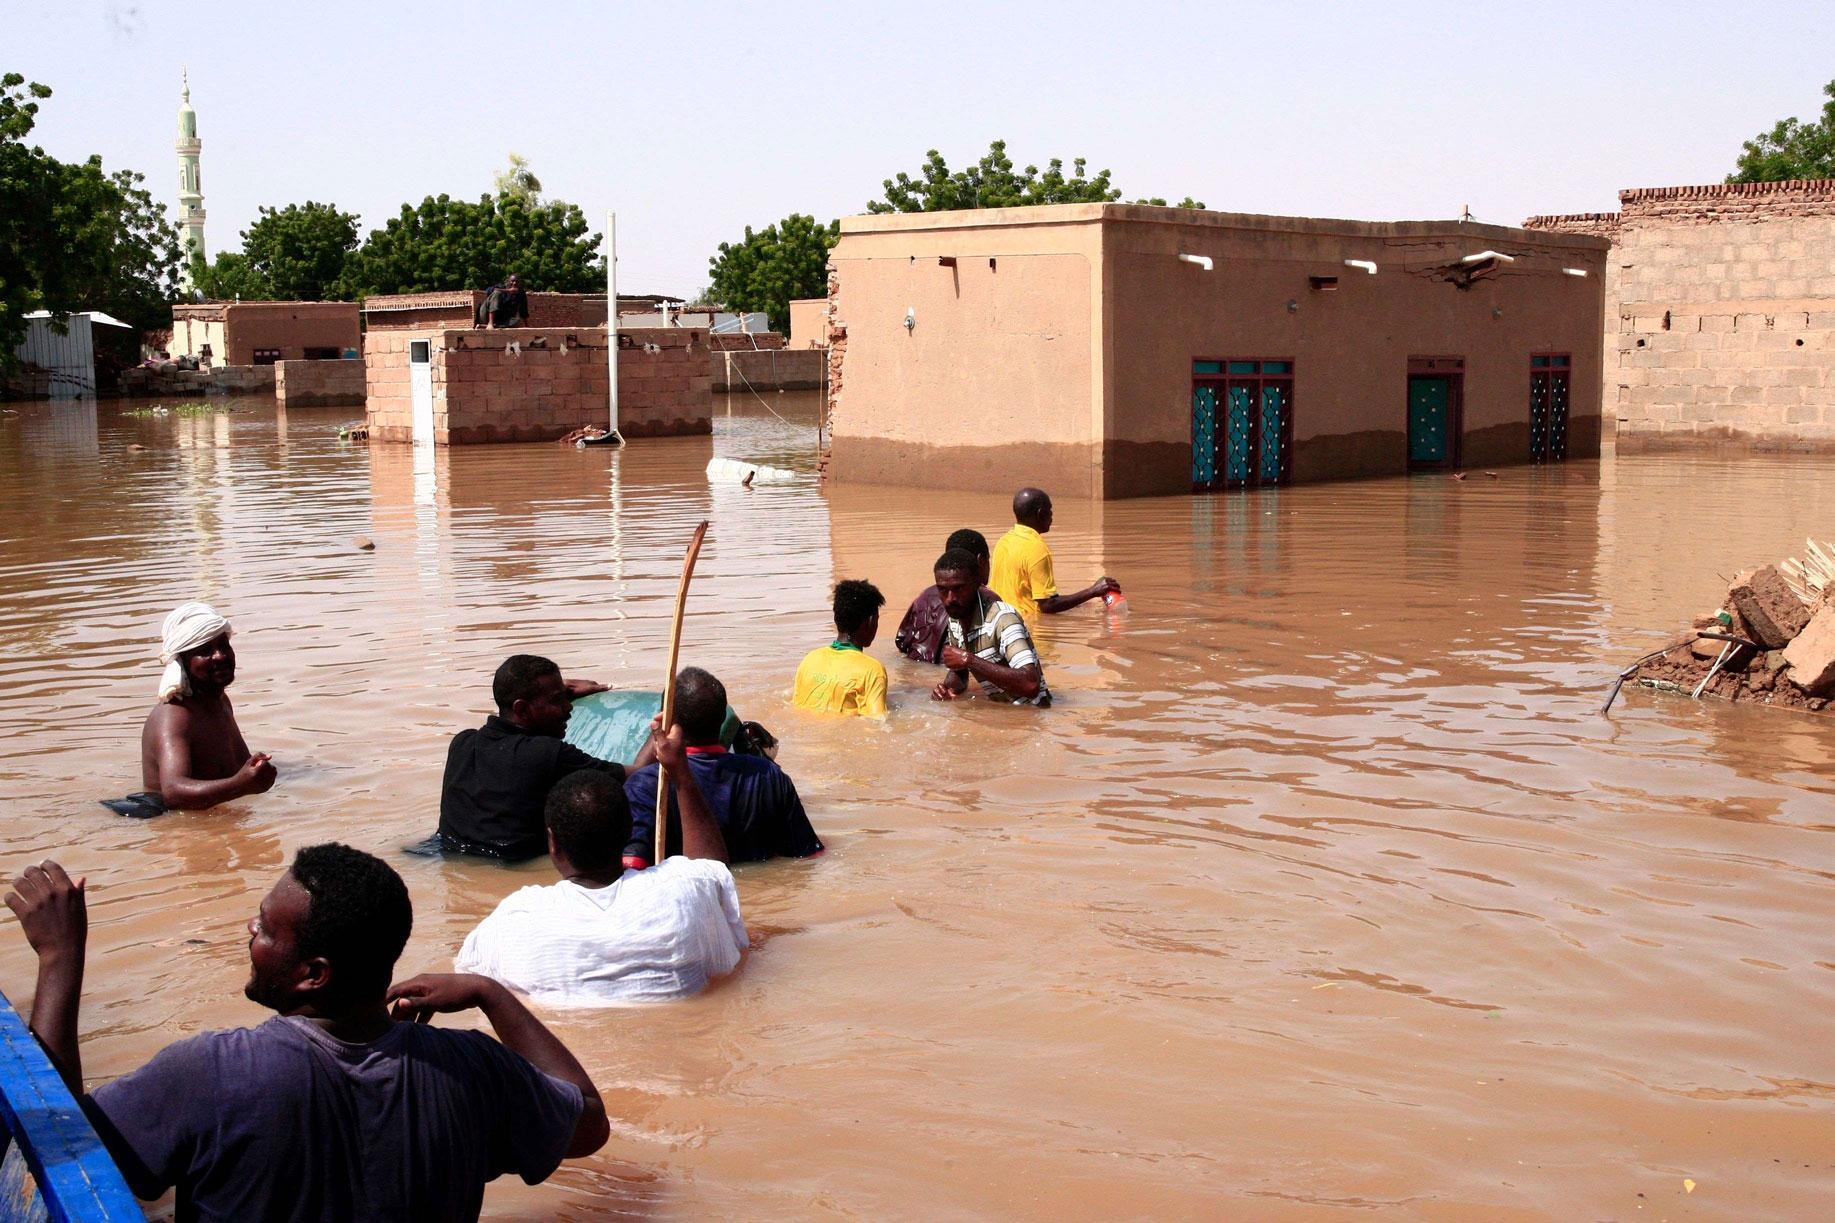 الأمم المتحدة: أكثر من 730 ألف شخص فى السودان تأثروا بالفيضانات